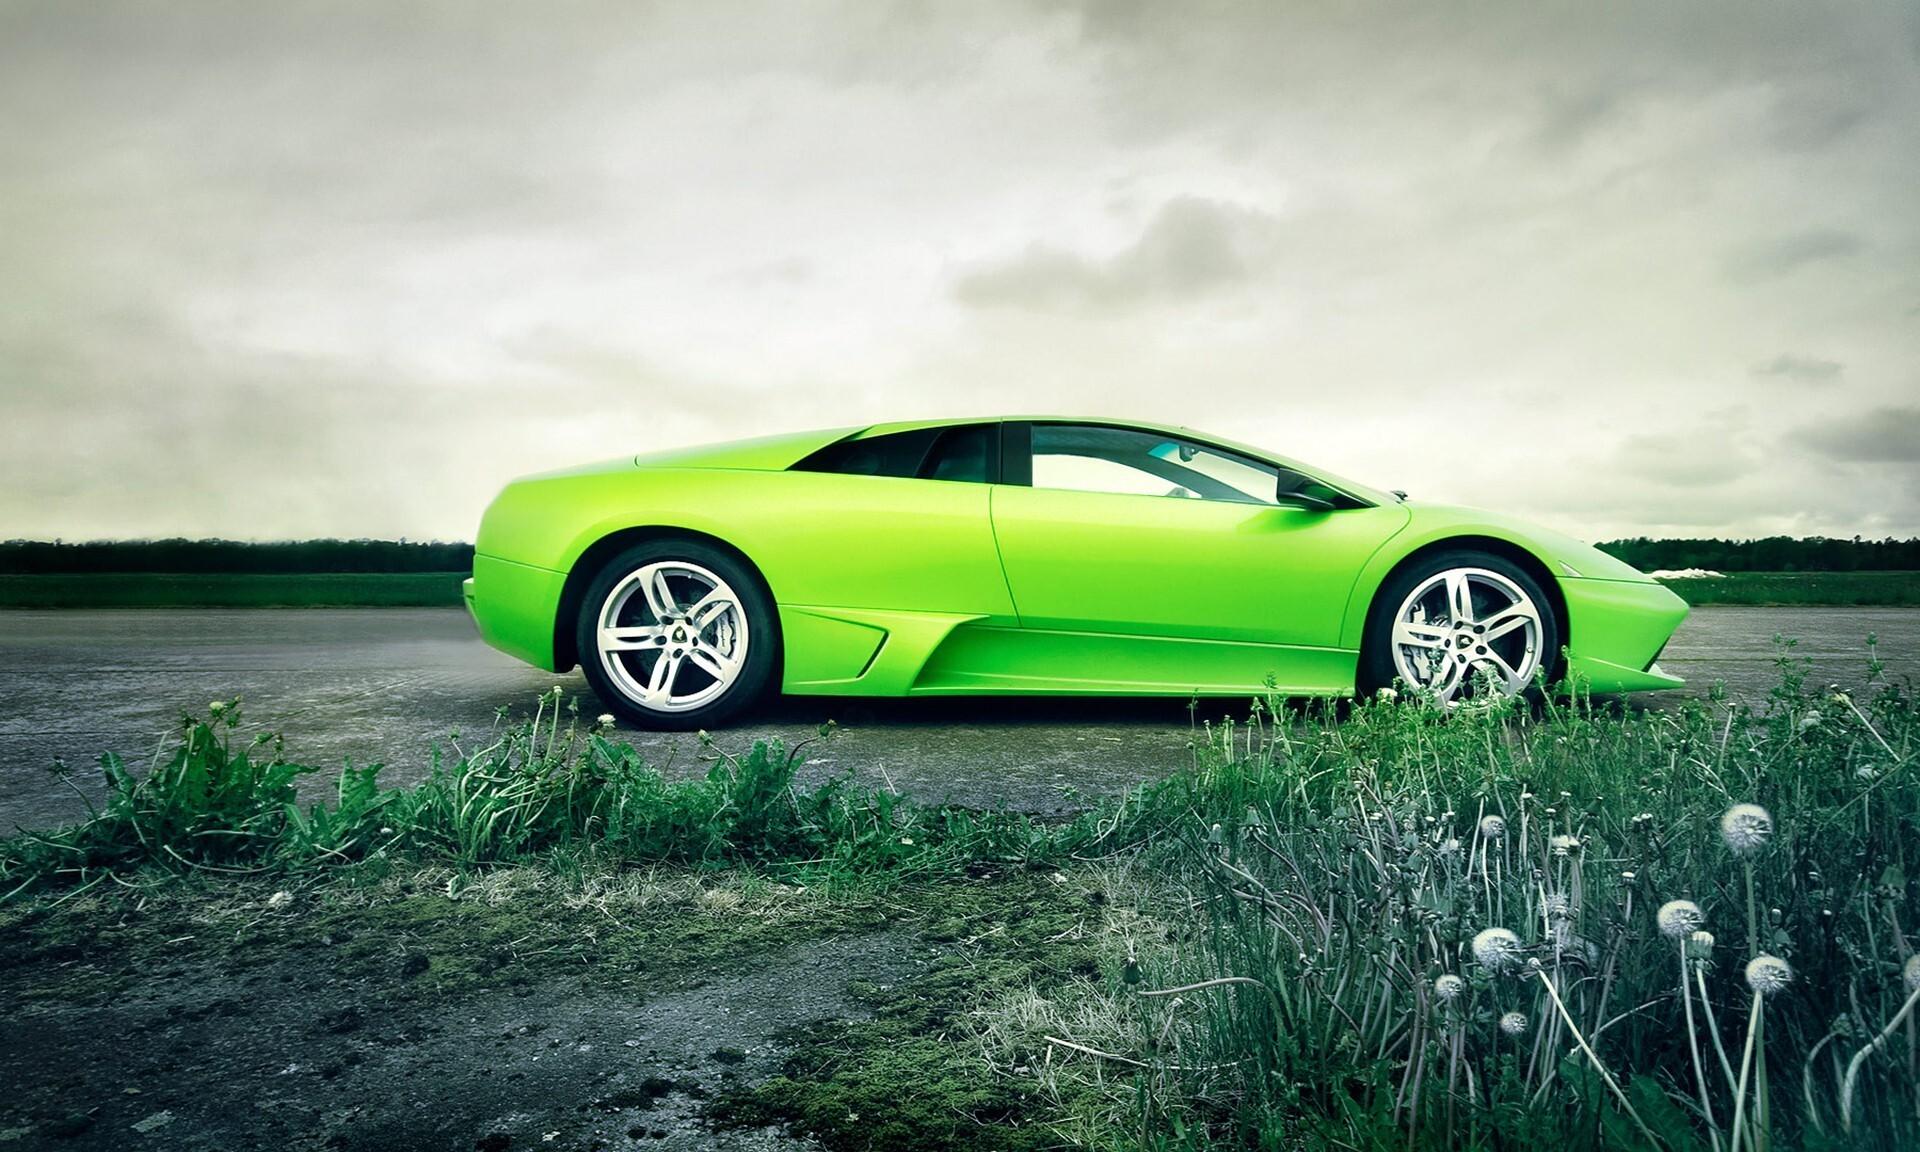 Wonderful Green Lamborghini Car Wallpaper